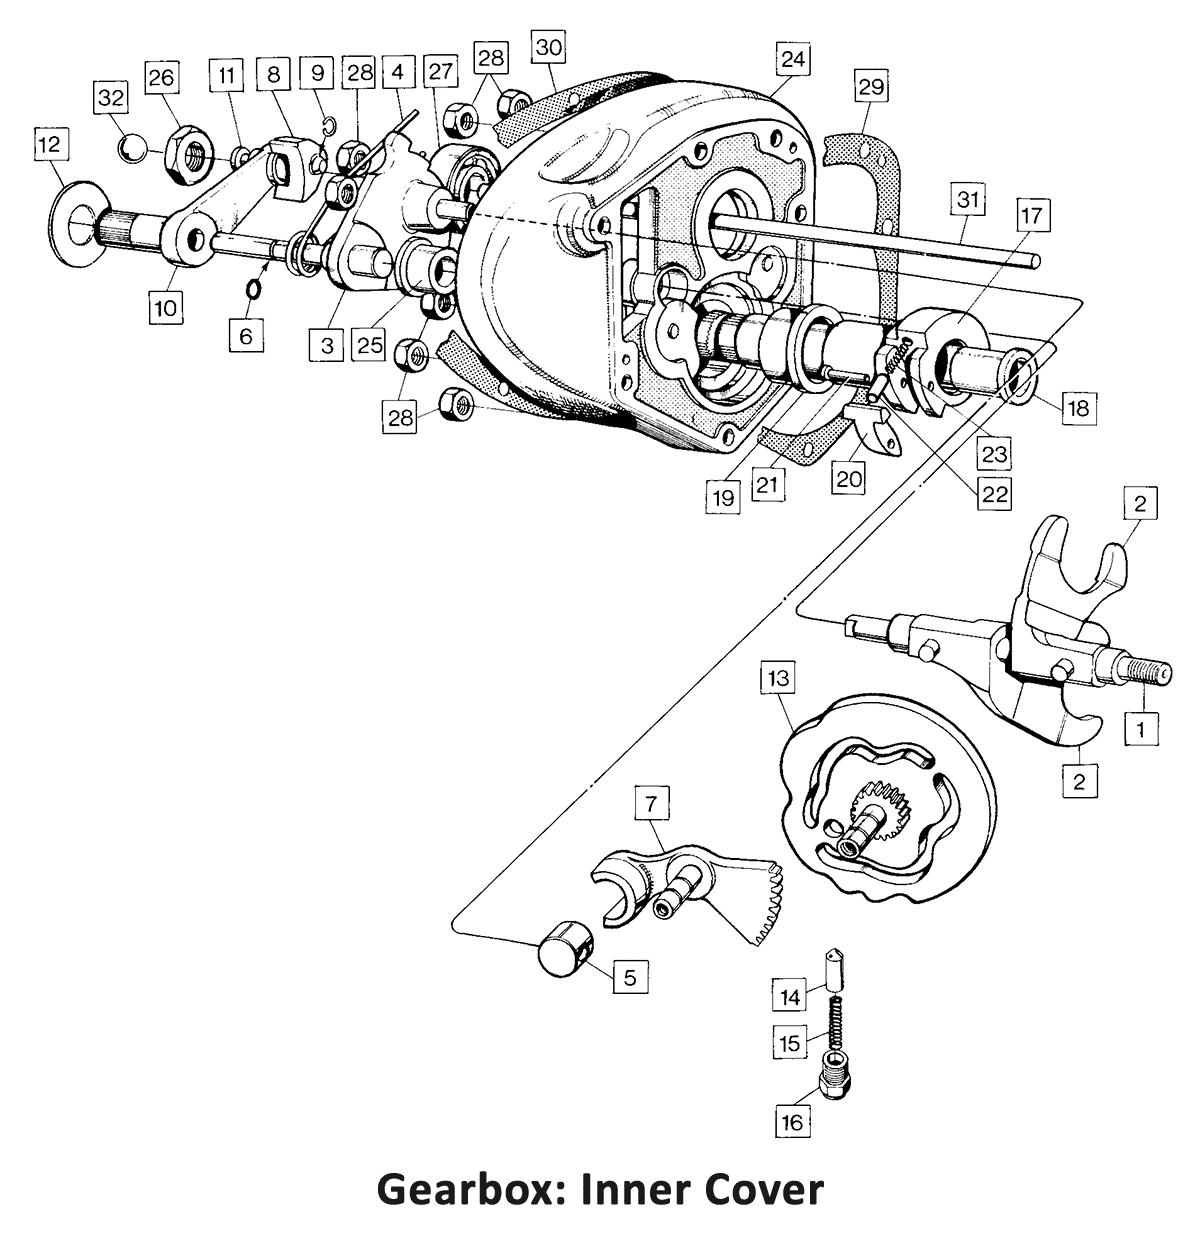 1972 Norton Commando 750 Gearbox: Inner Cover, classic motorbike spares, classic motorbike spare parts, classic motorcycle spares, classic motorcycle spare parts